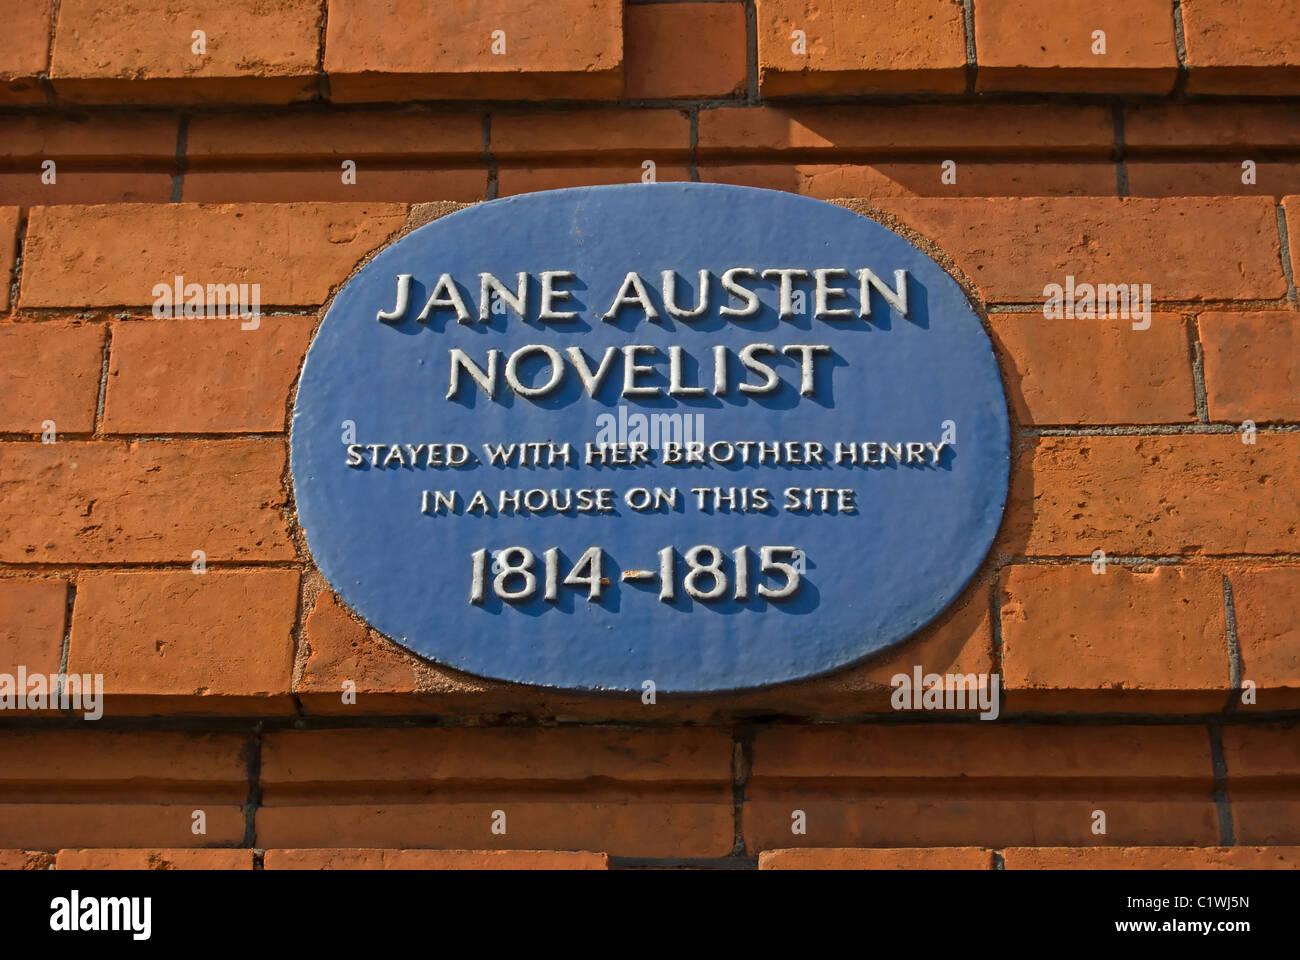 Placa azul marca el sitio de una casa una vez alojado en de la escritora Jane Austen y su hermano, en hans Place, Imagen De Stock